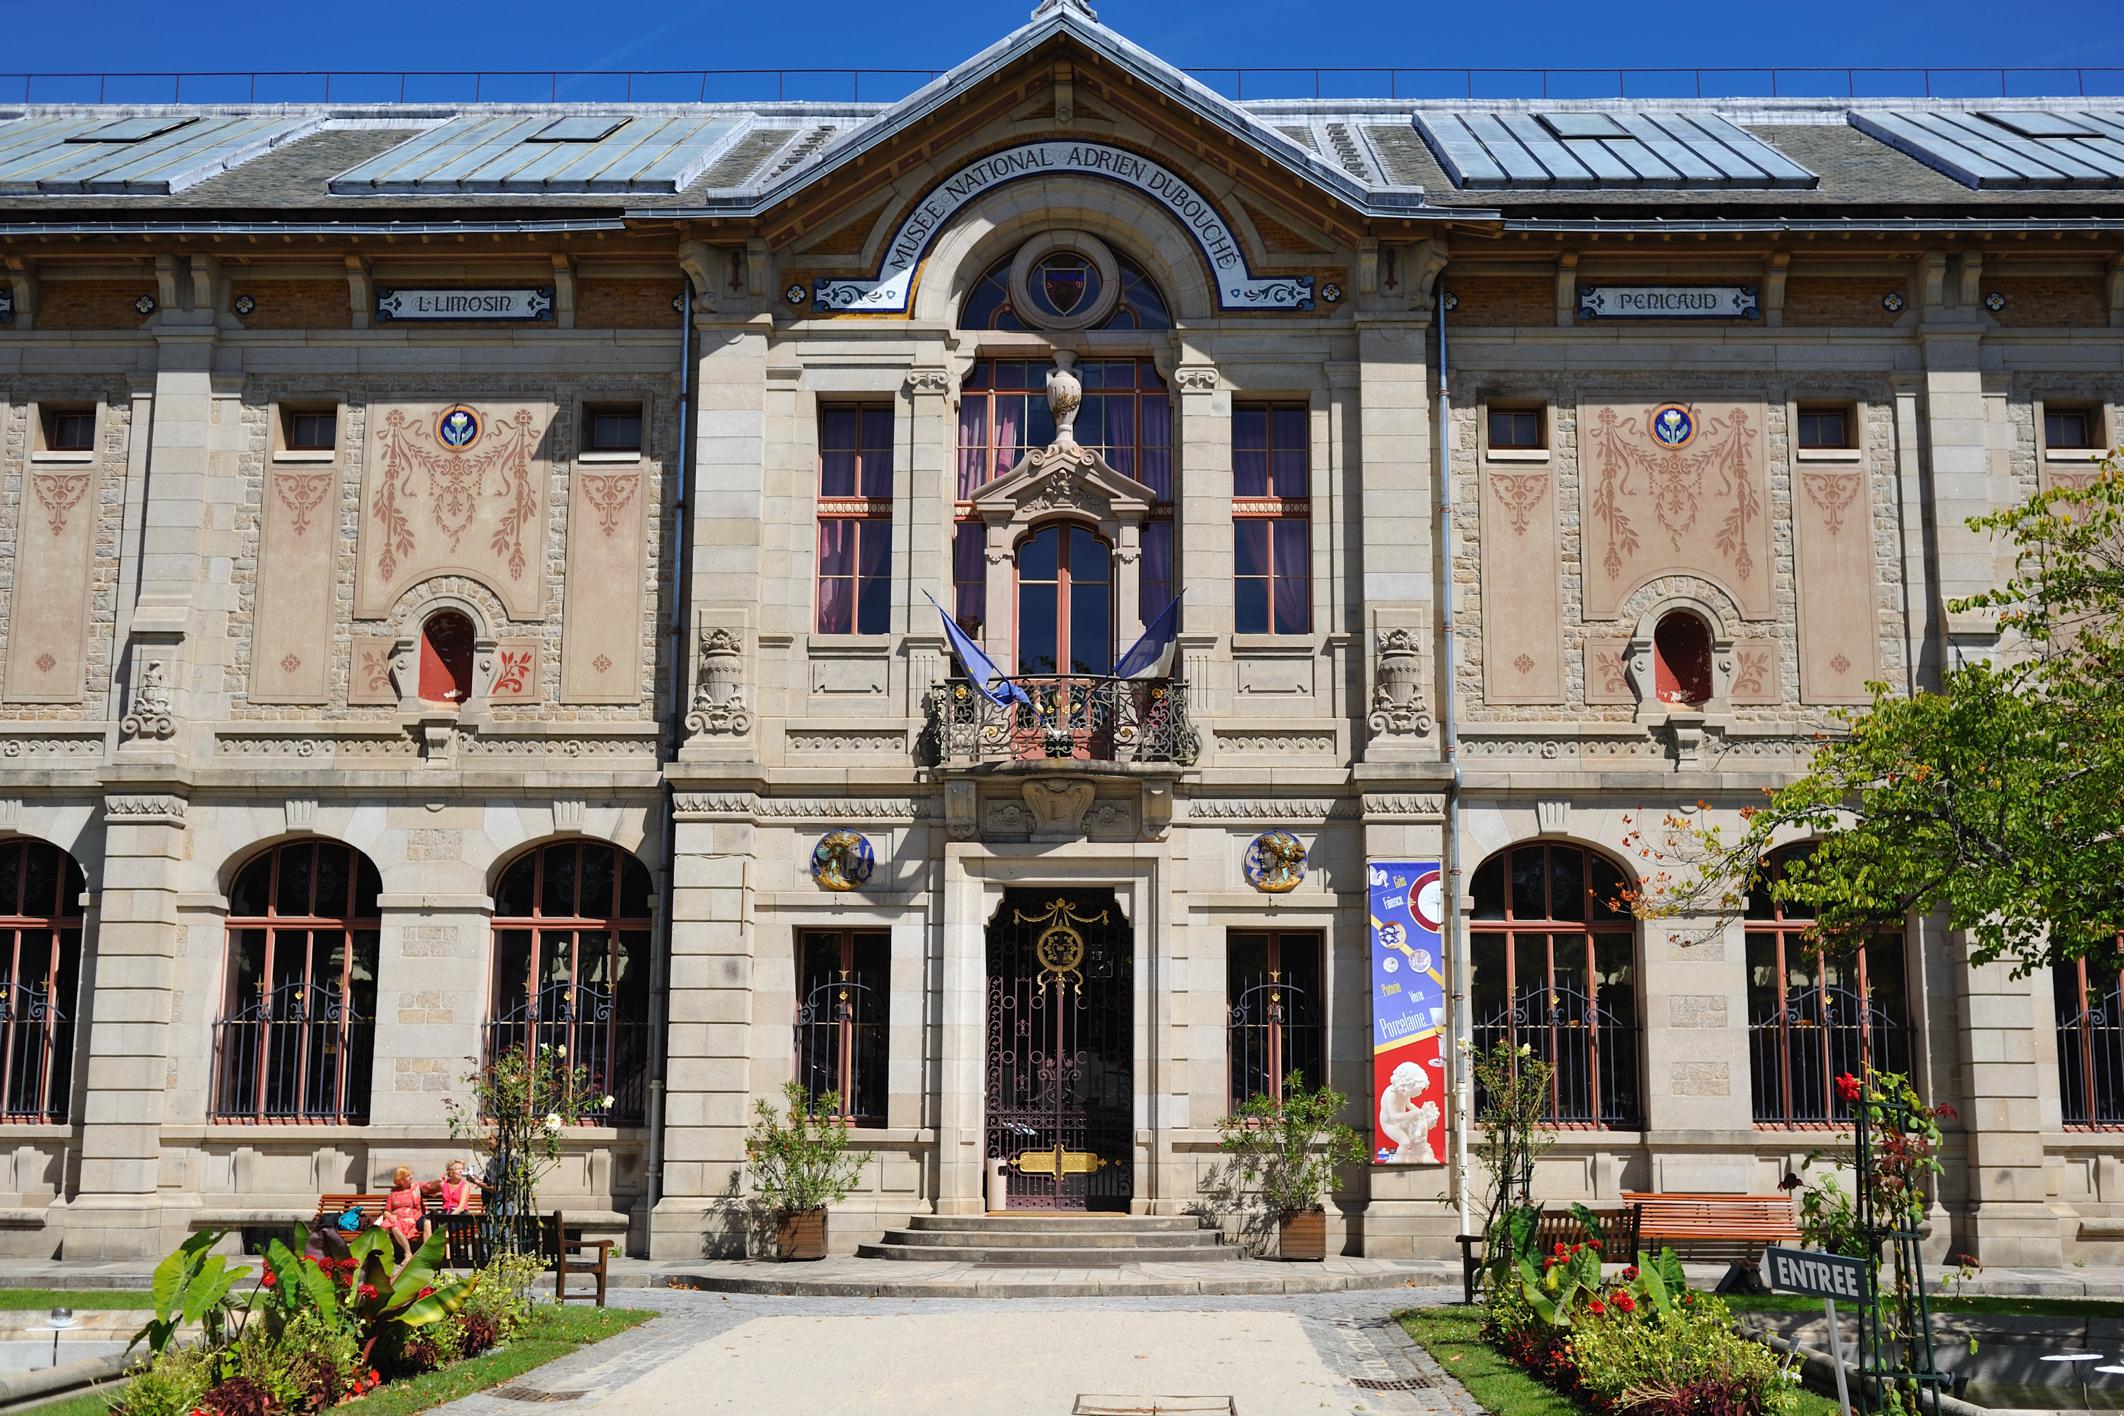 Musée-adrien-dubouché-limoges-hotel.jpg